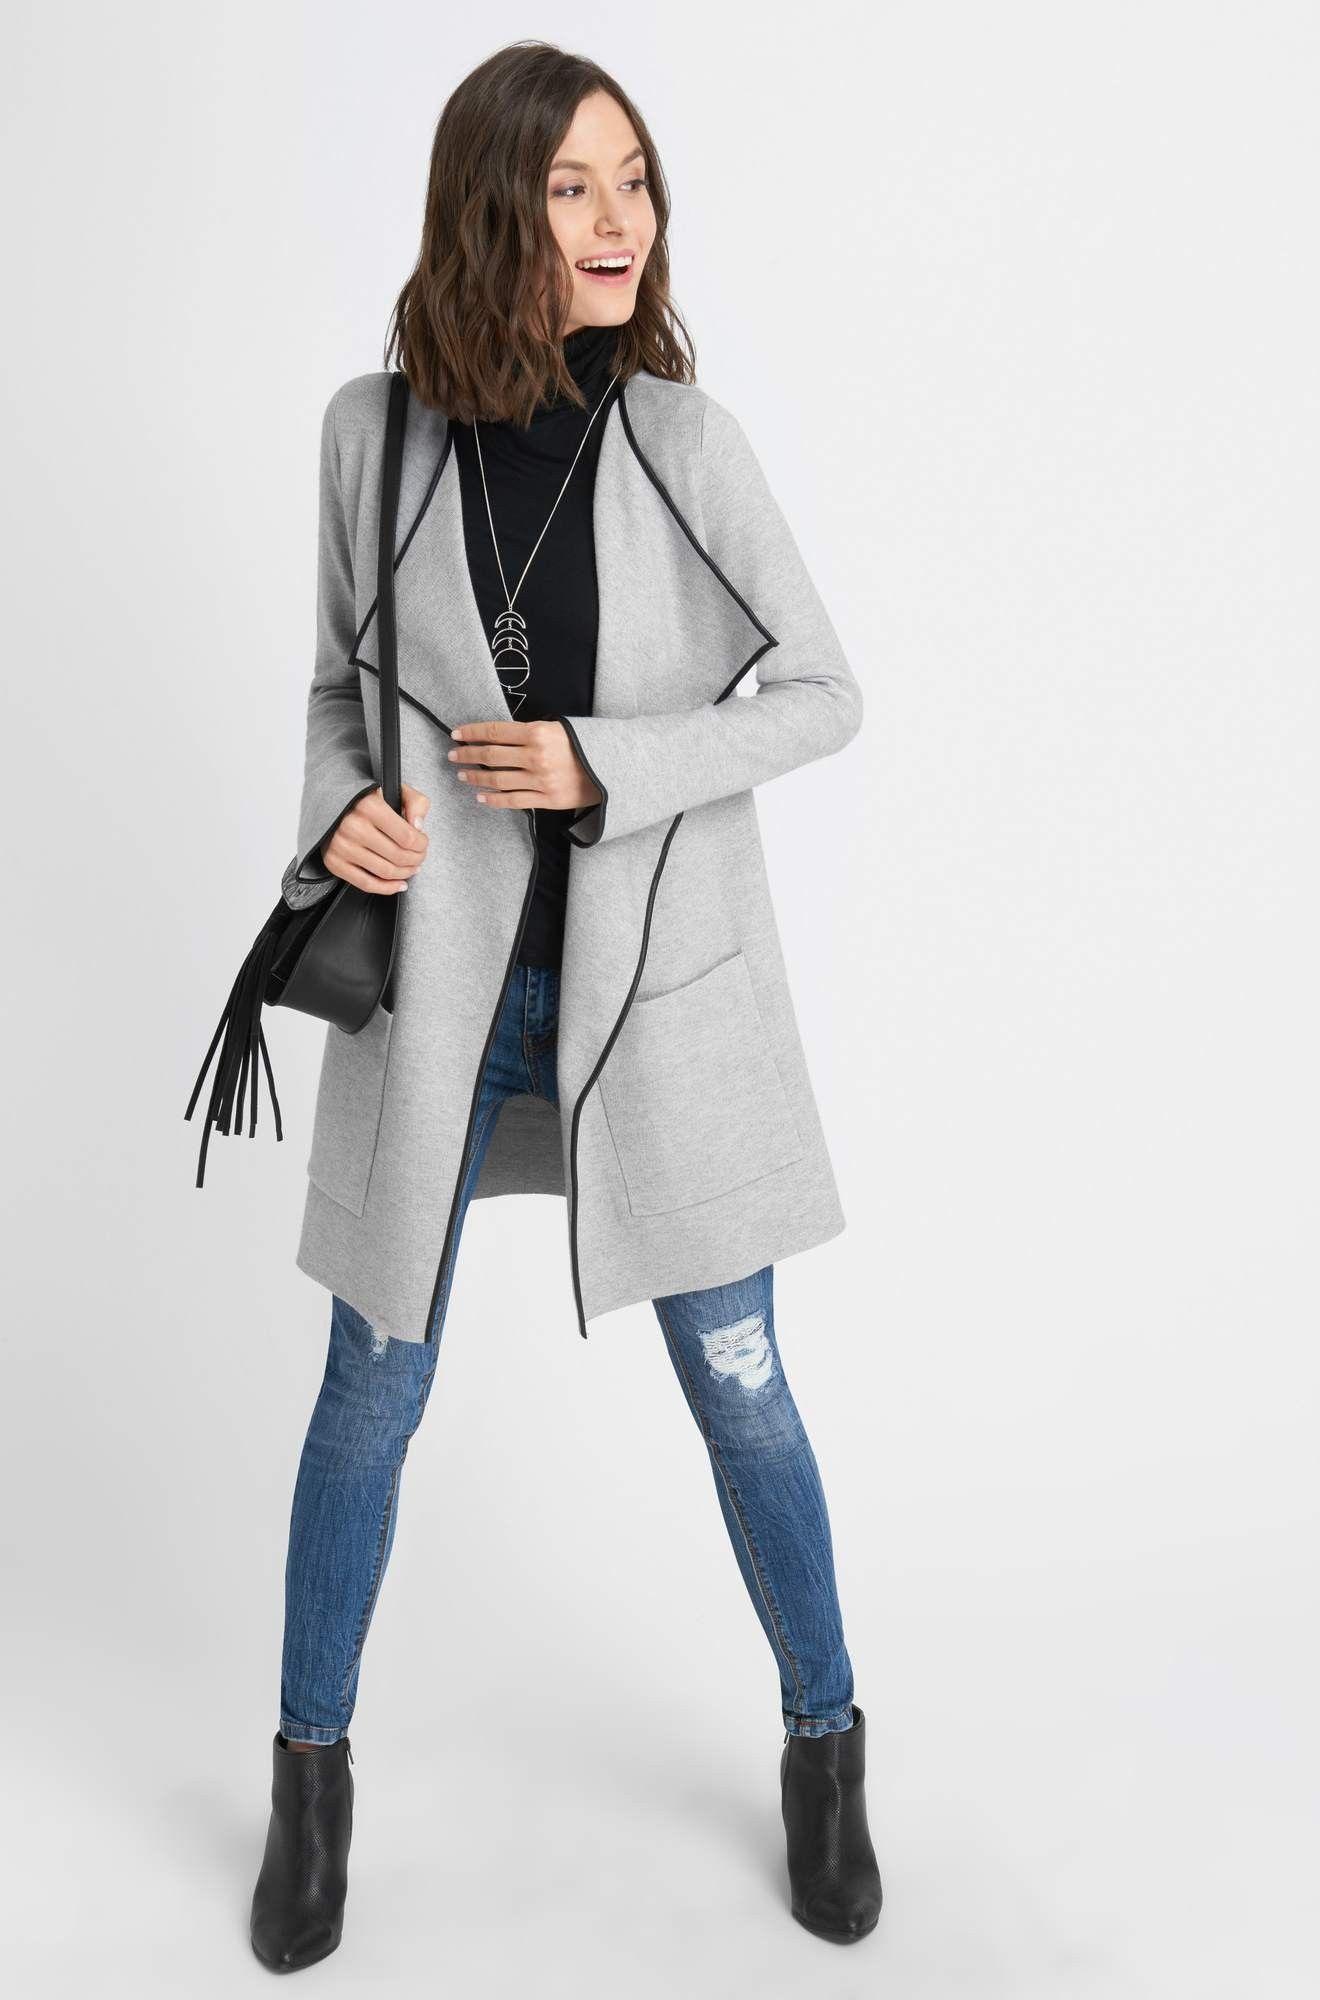 Pin von noname auf HW Wishlist | Jacken, Strickjacke und